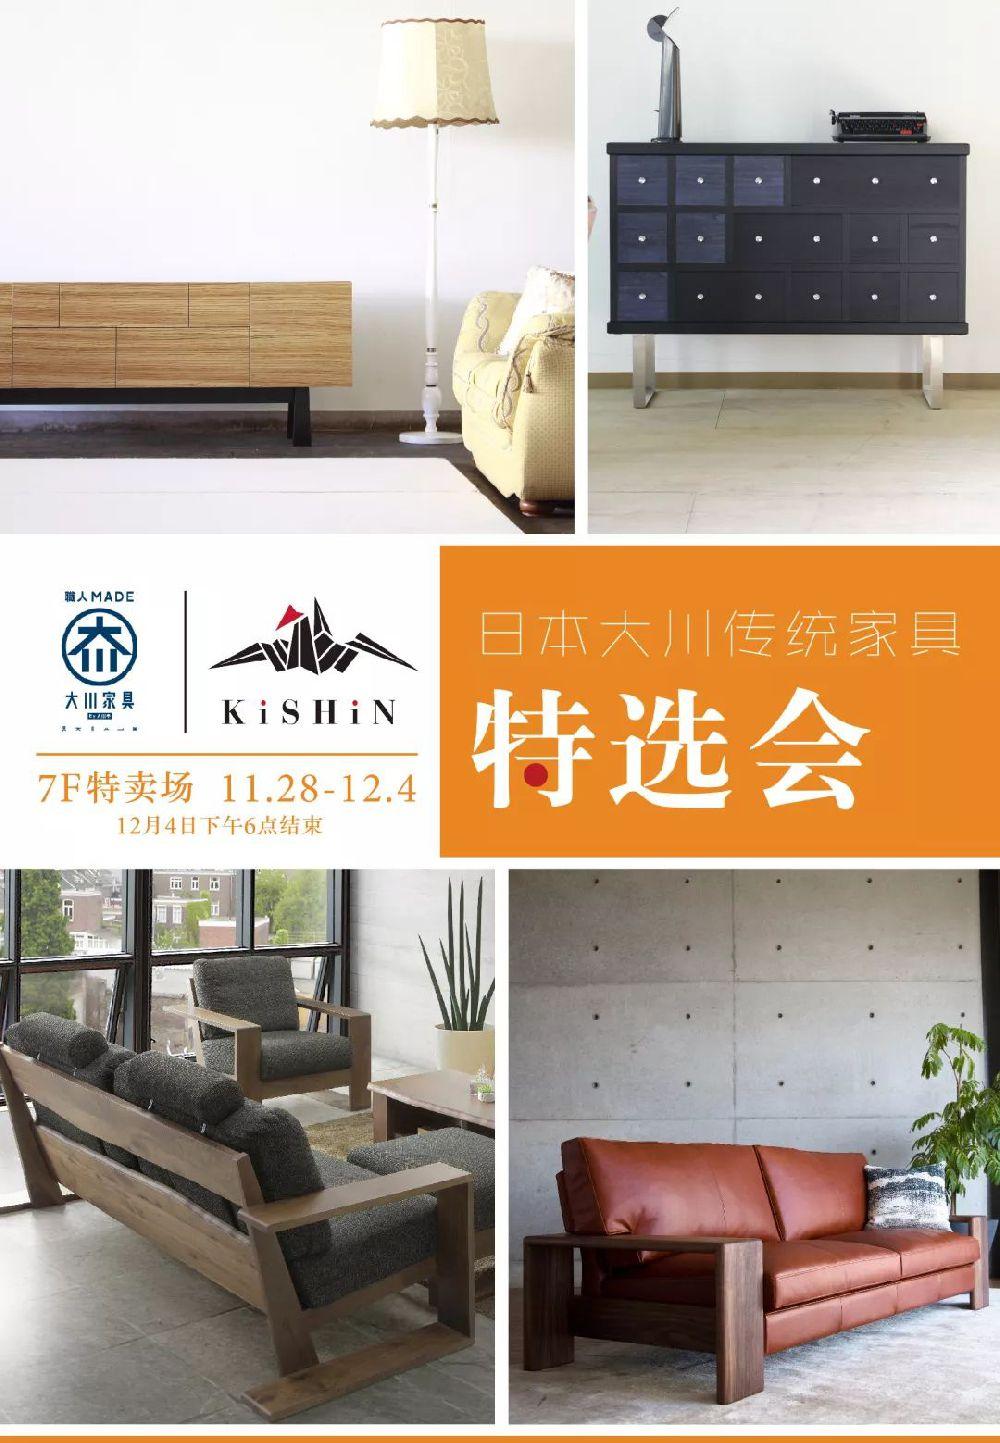 上海久光百货日本大川传统家具特选会